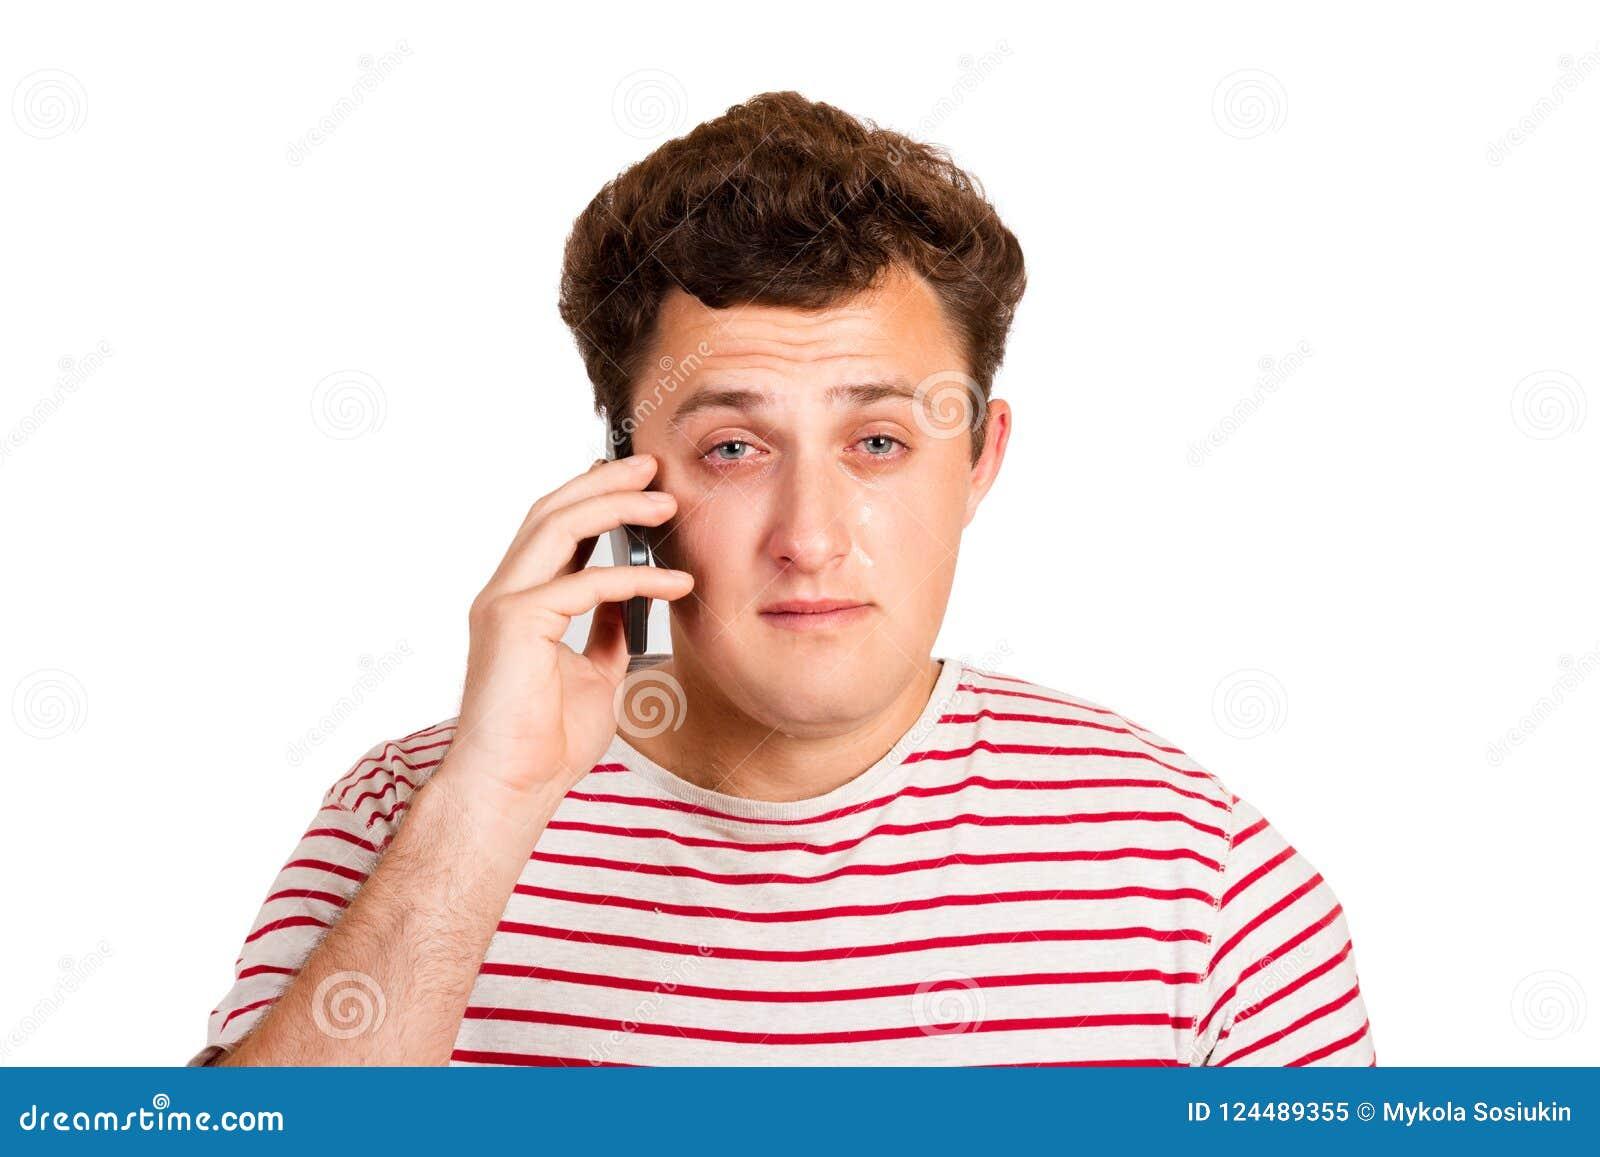 Ein junger Mann schreit über schlechte Nachrichten, indem er seine Augen schließt und an das Problem denkt, dass er an seinem Tel